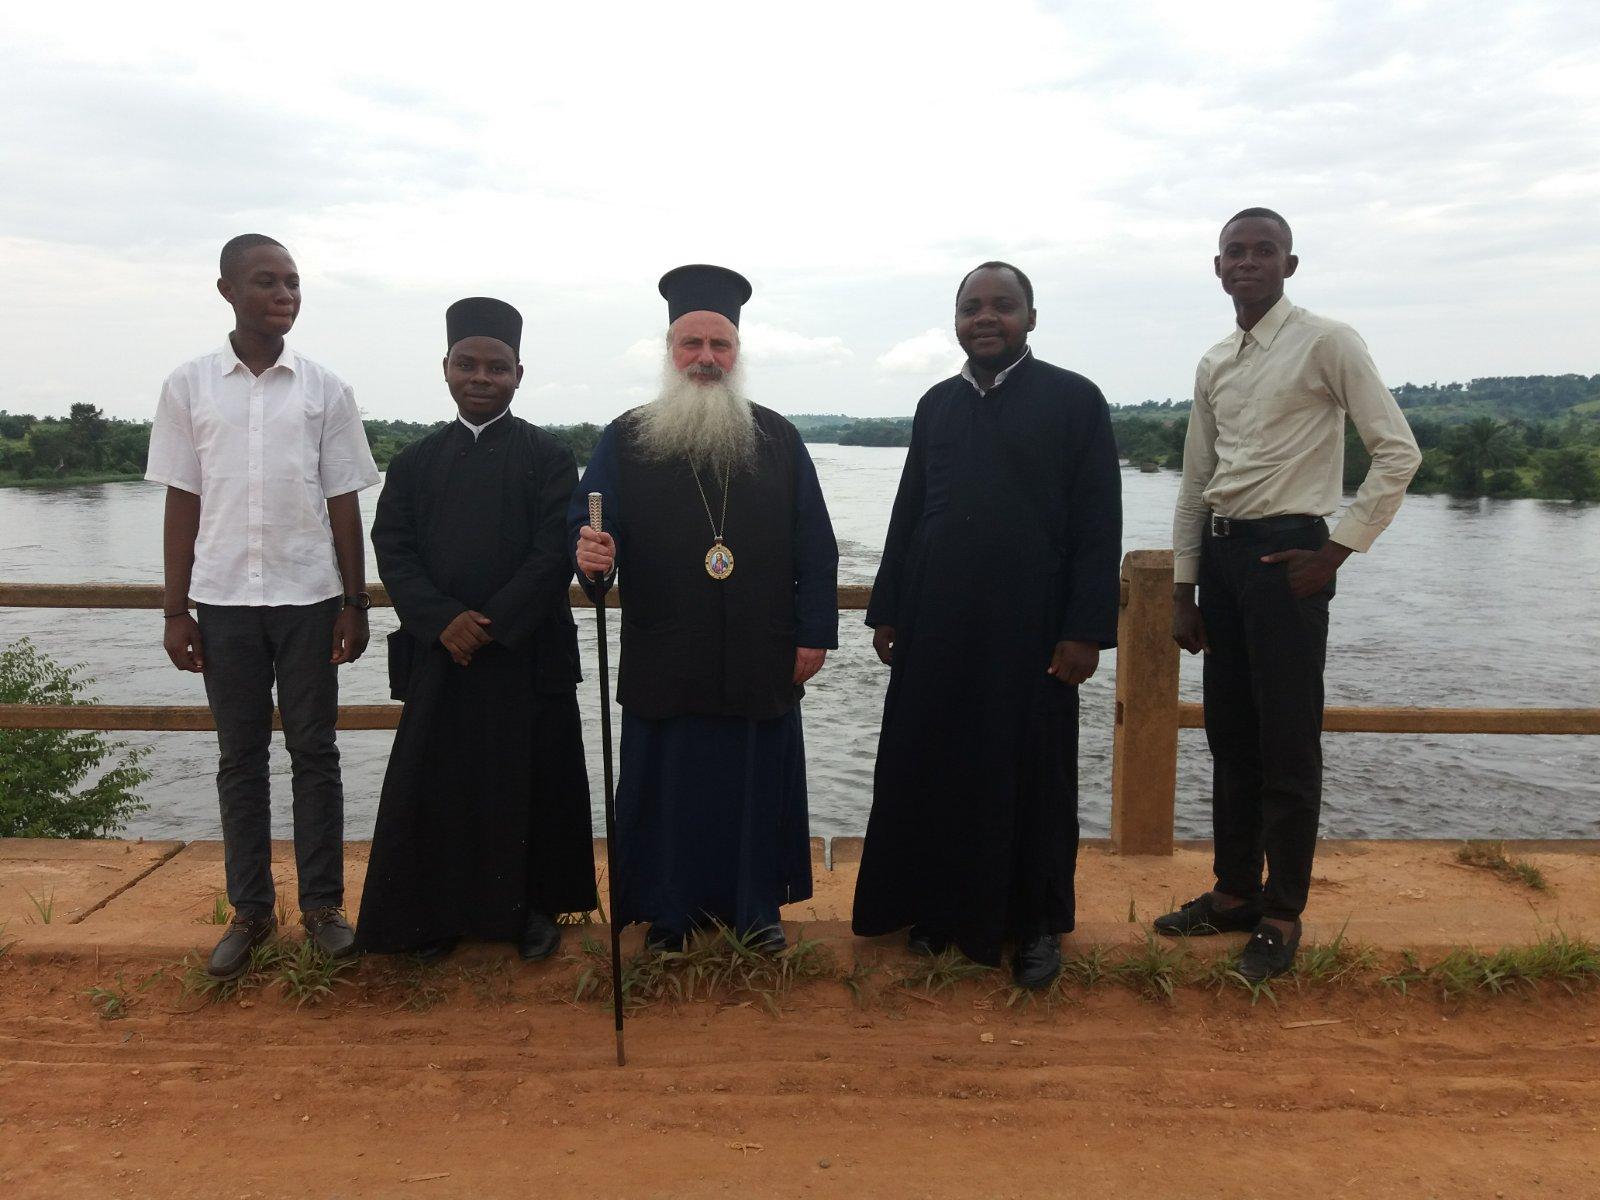 Το Αγρίνιο στηρίζει το ιεραποστολικό έργο στο Mikalayi του Κονγκό